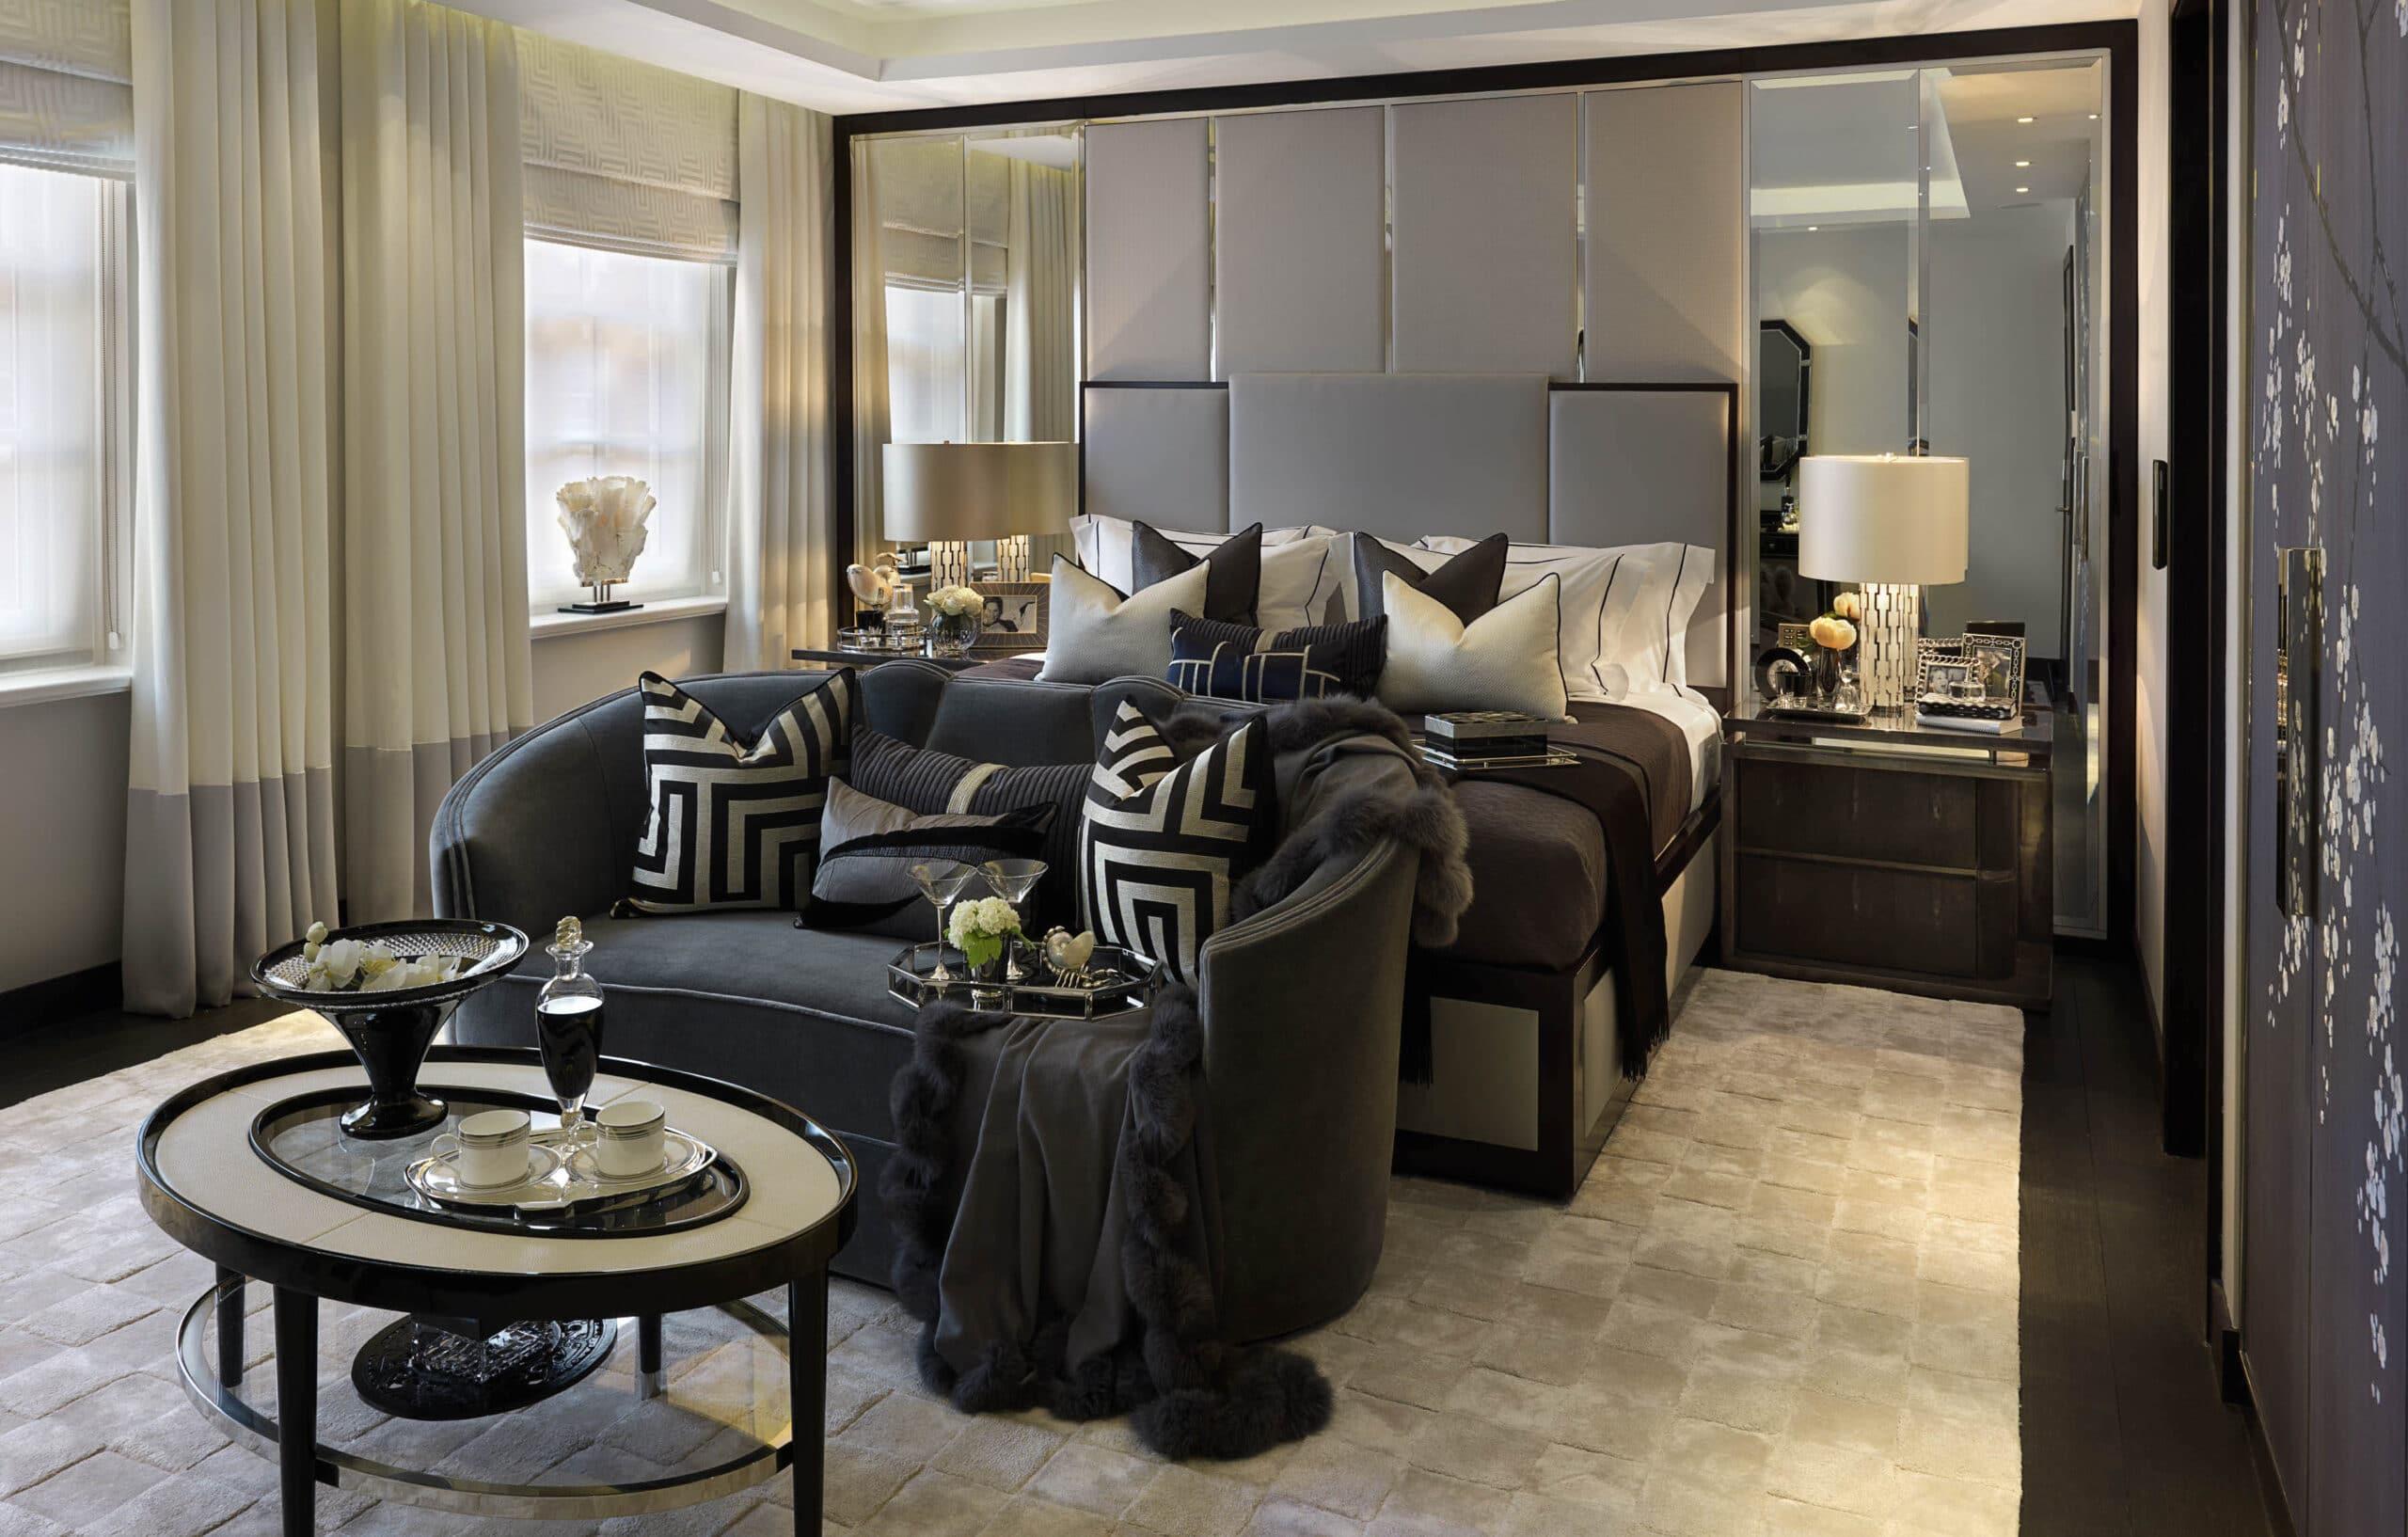 grosvenor square interior design